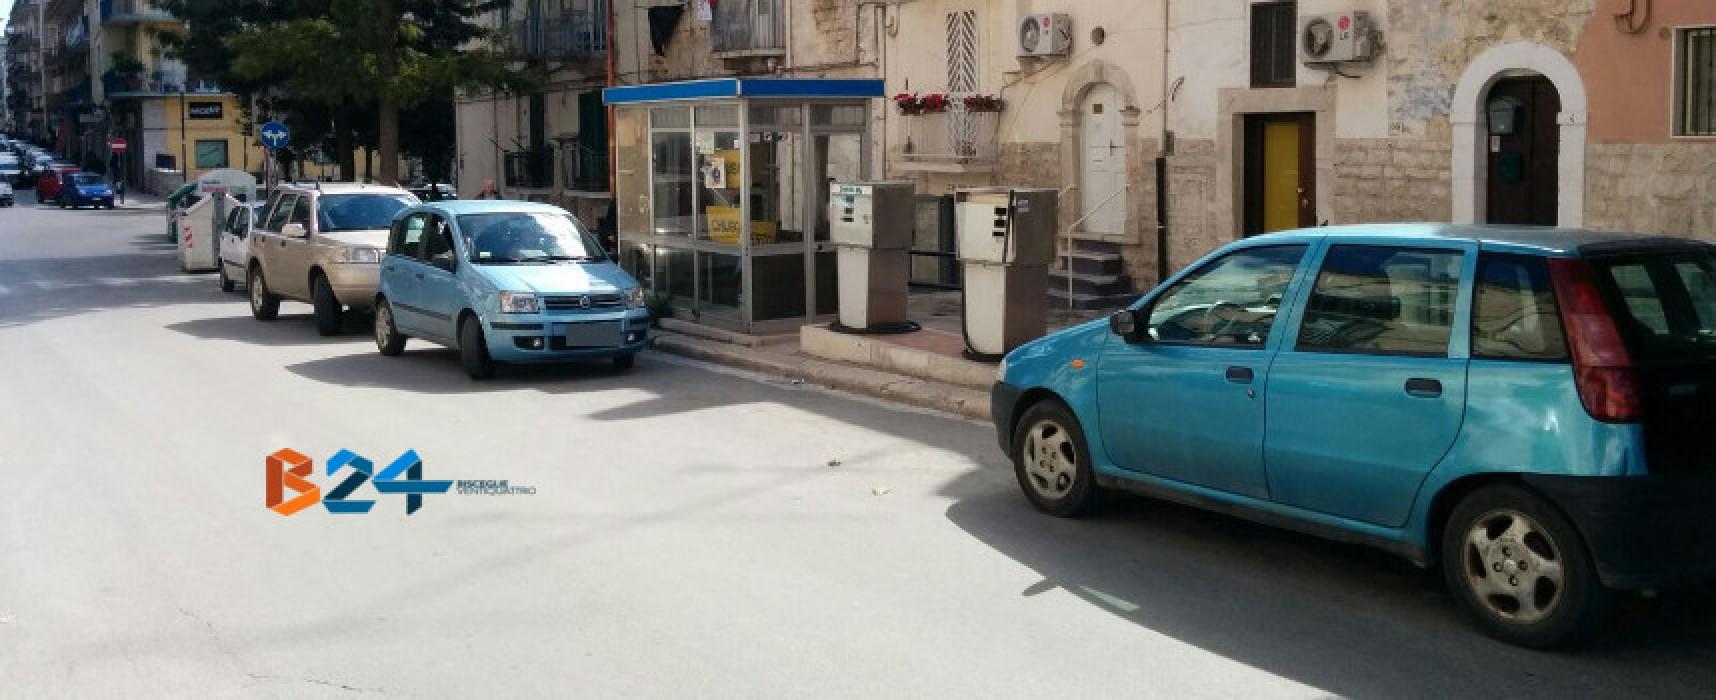 """Distributore Corso Umberto, Bisceglie 5 Stelle: """"Si dia esecuzione alla rimozione"""""""